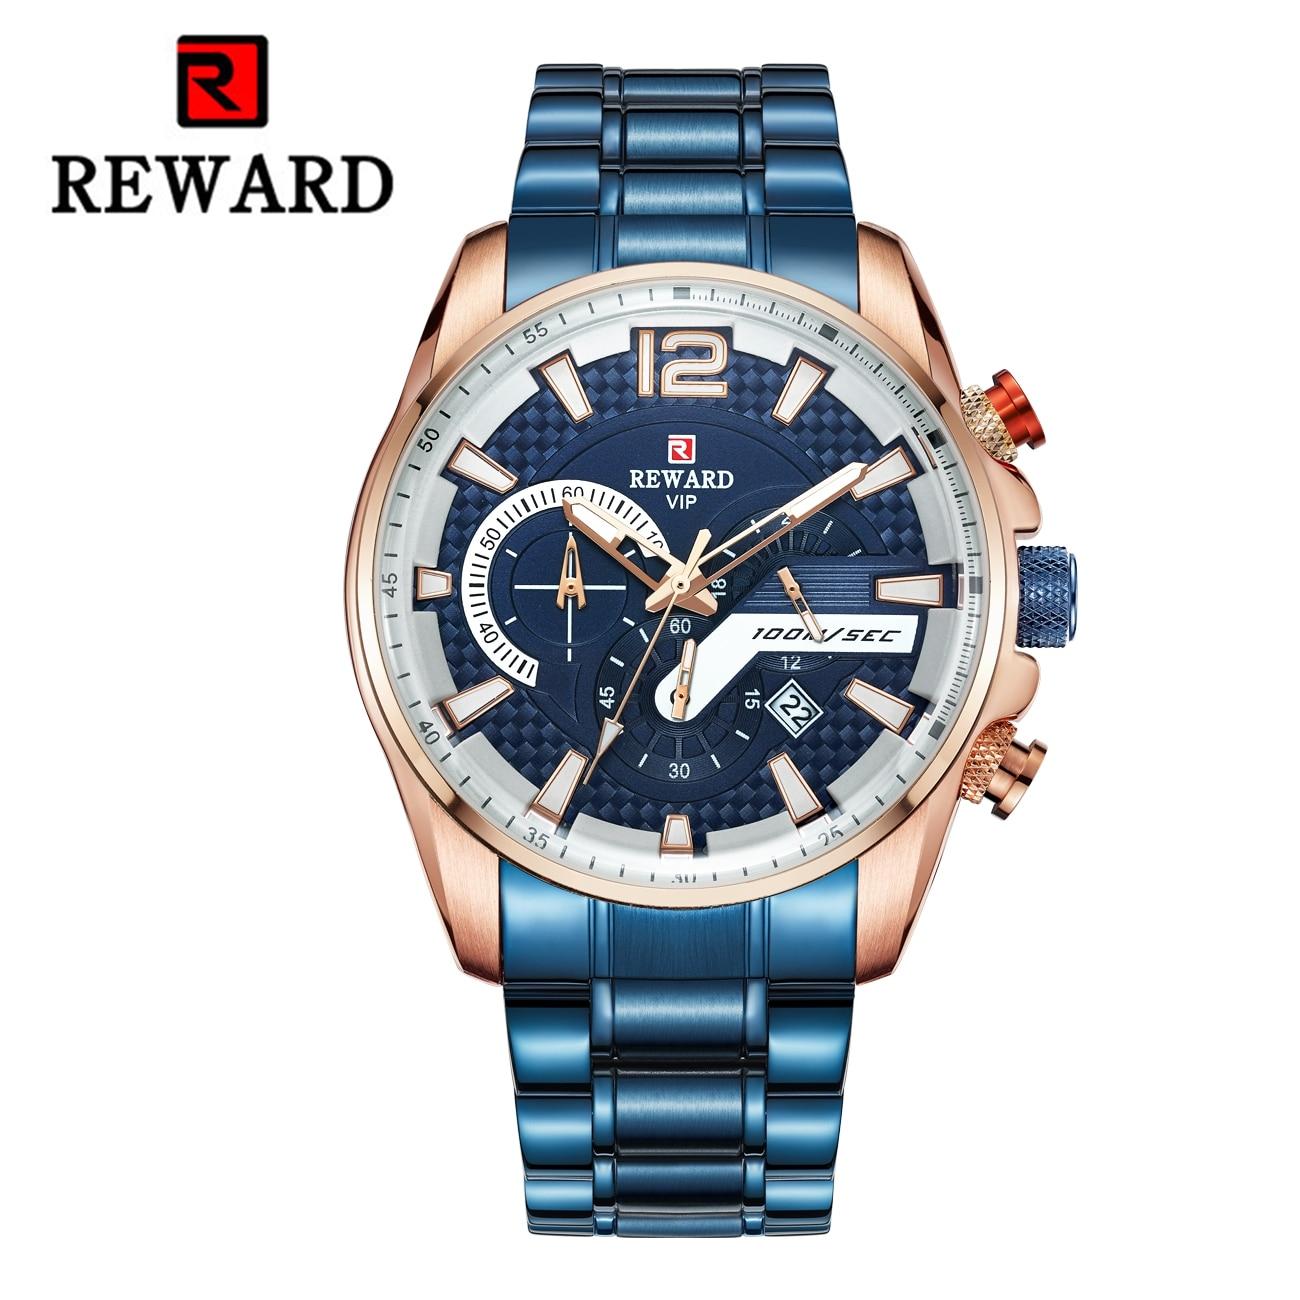 Armée hommes montre chronographe automatique Date 24 heures affichage Quartz bracelet en acier montres Reloj Hombre 2019 sport horloge mâle